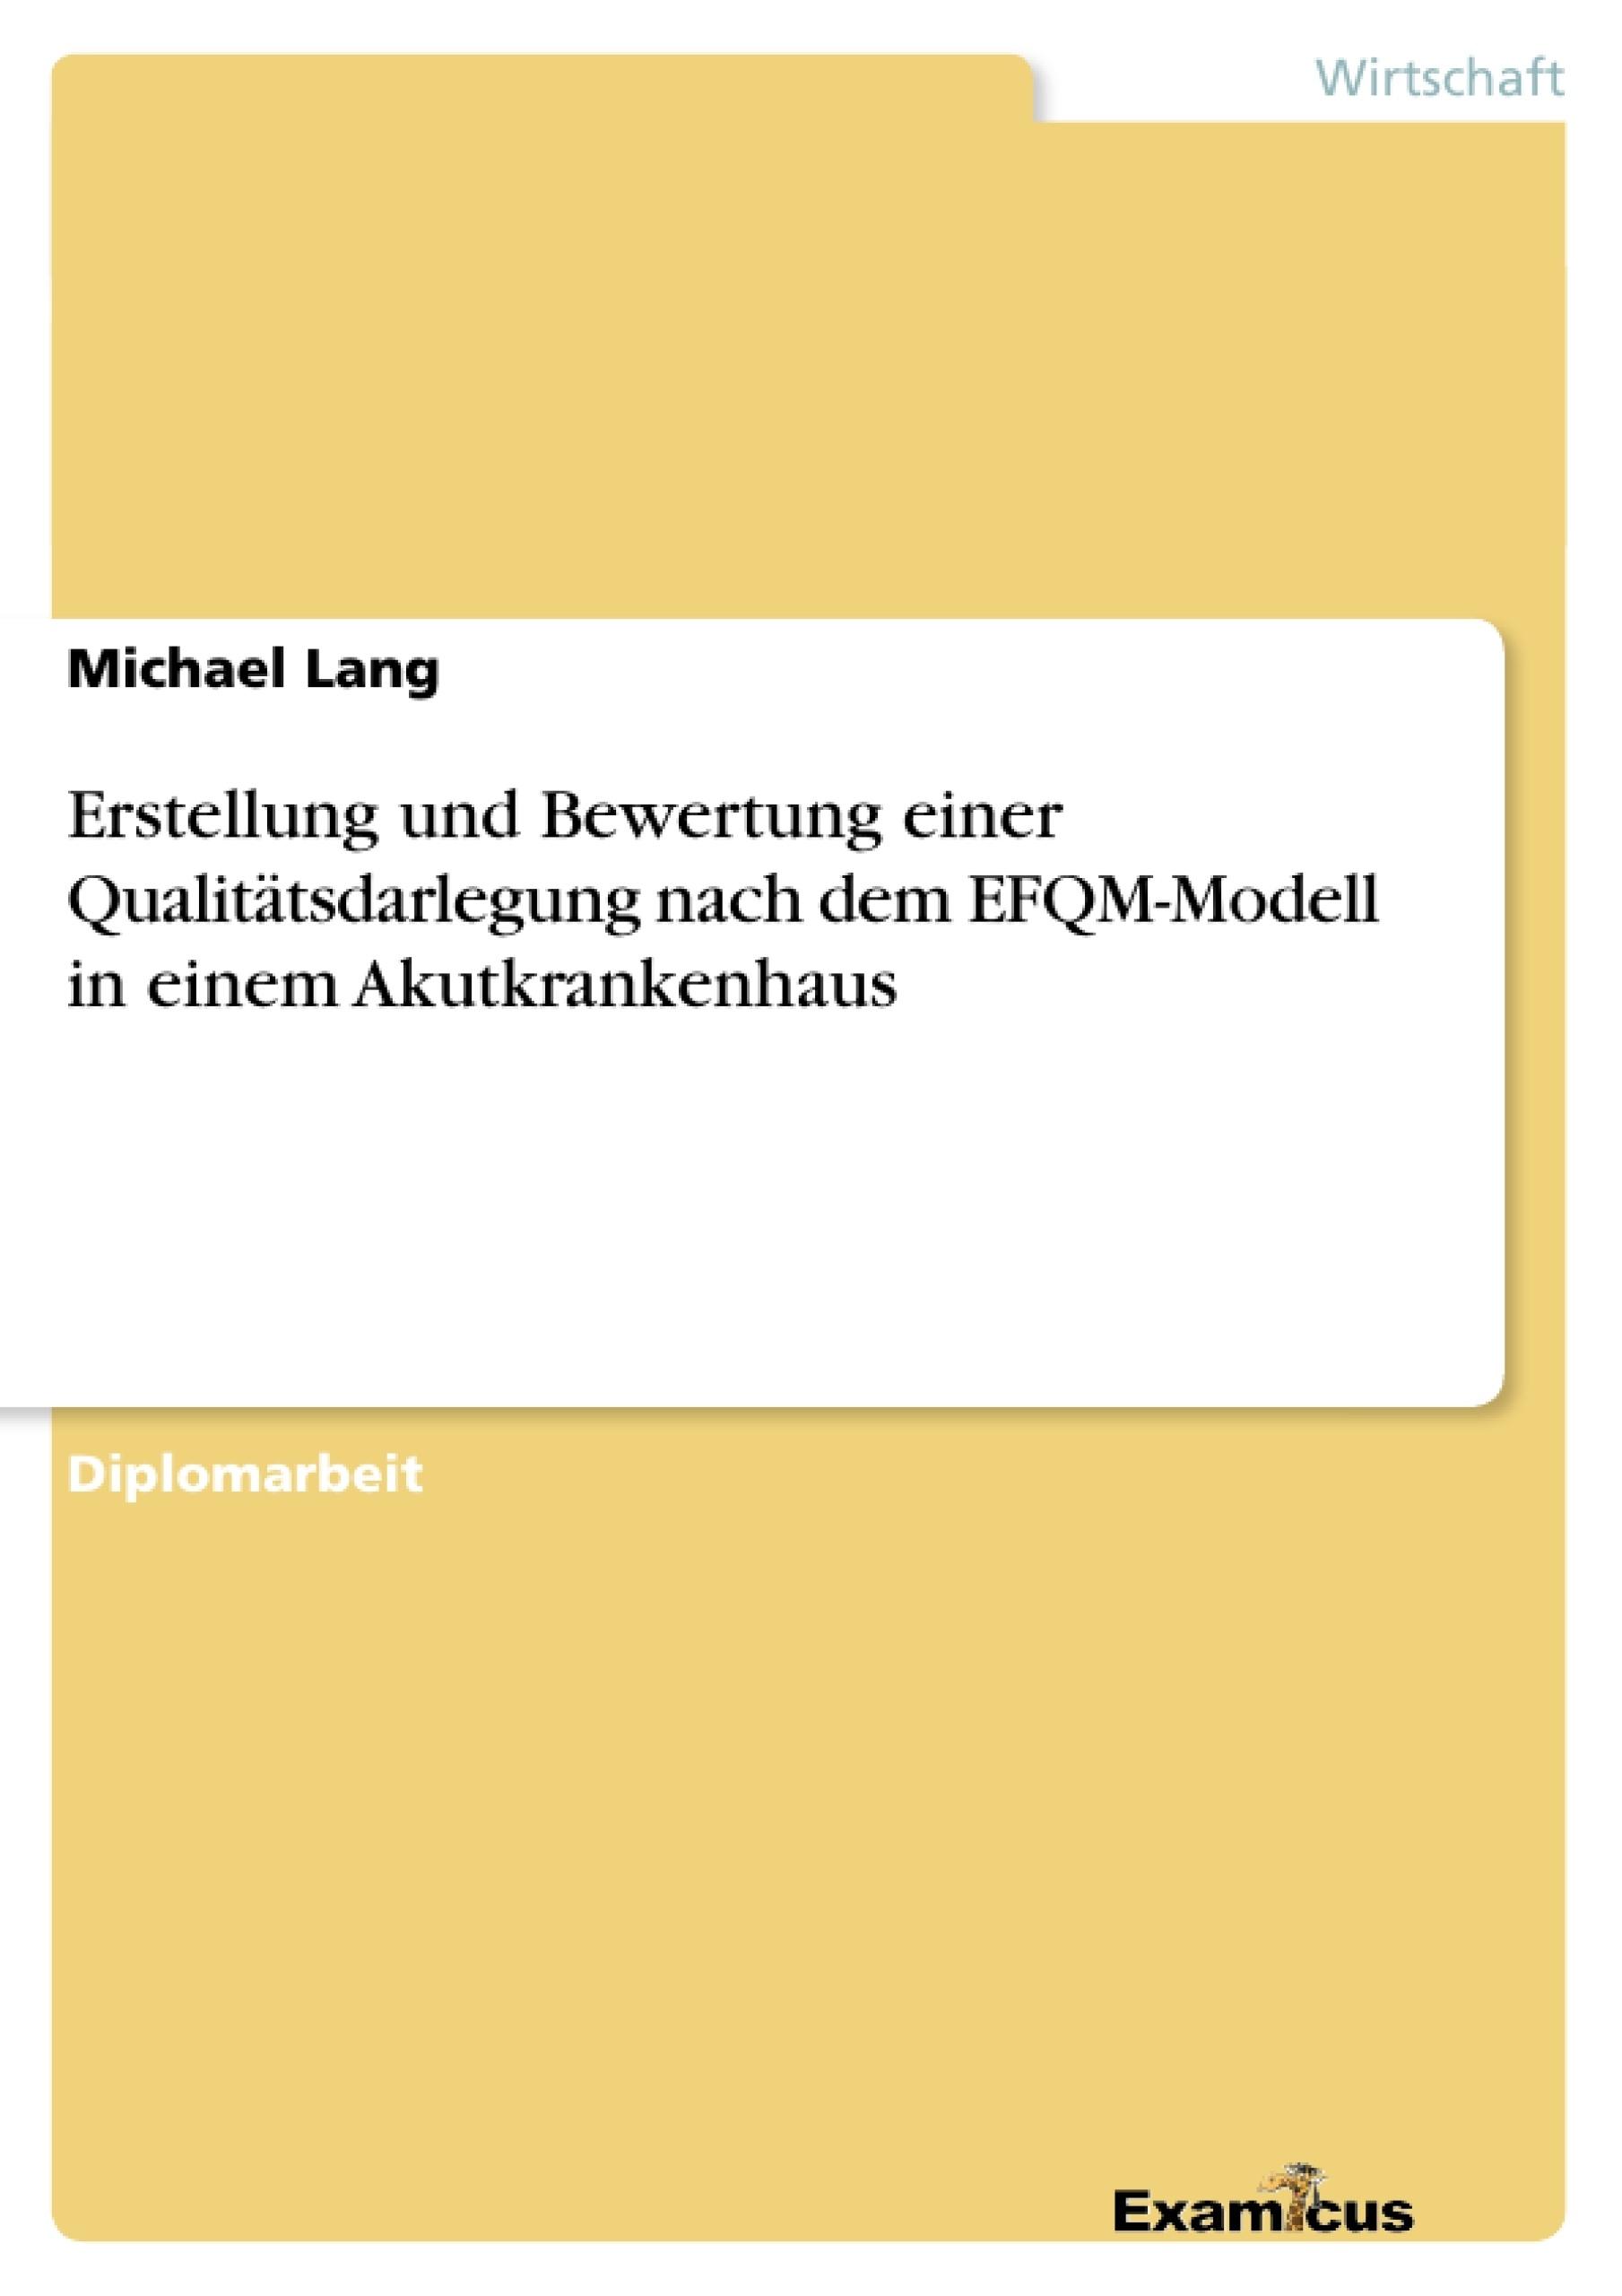 Titel: Erstellung und Bewertung einer Qualitätsdarlegung nach dem EFQM-Modell in einem Akutkrankenhaus